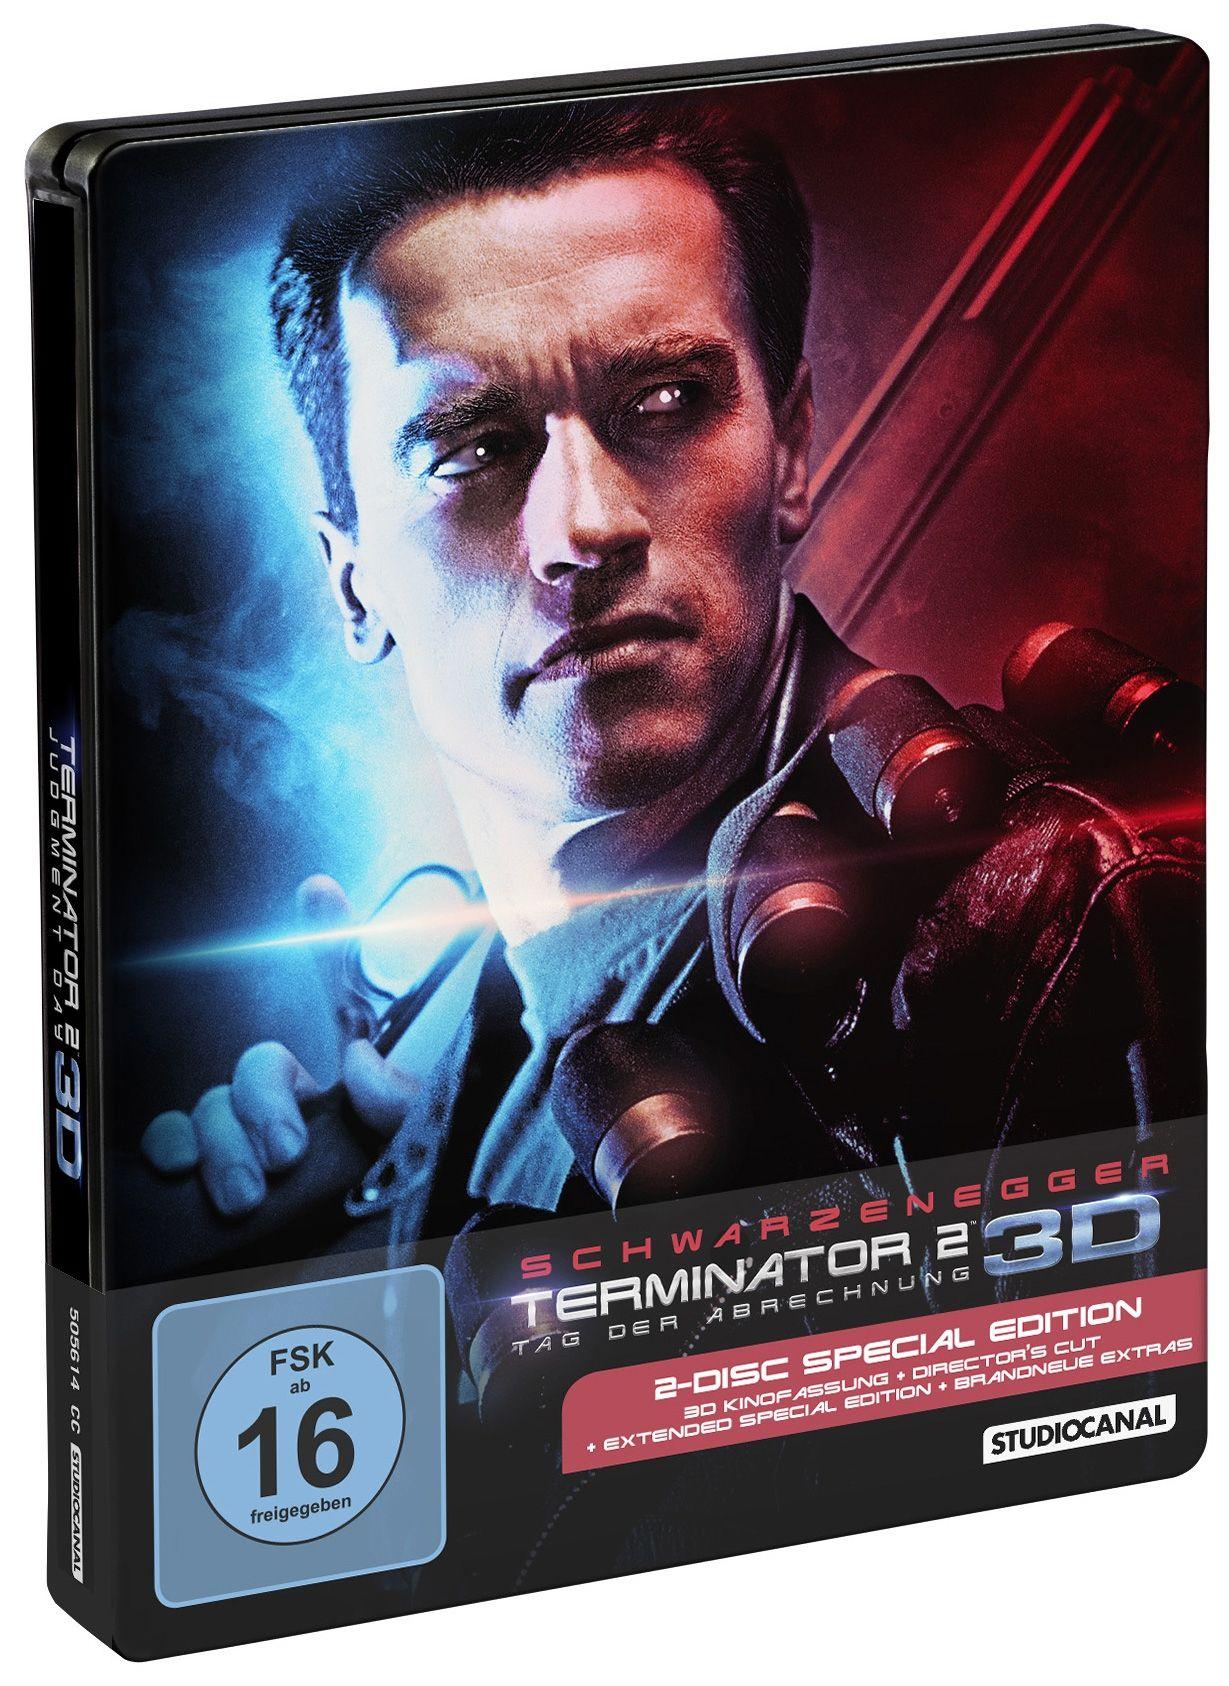 Terminator 2 - Tag der Abrechnung 3D (Lim. Steelbook) (2 Discs) (BLURAY + BLURAY 3D)